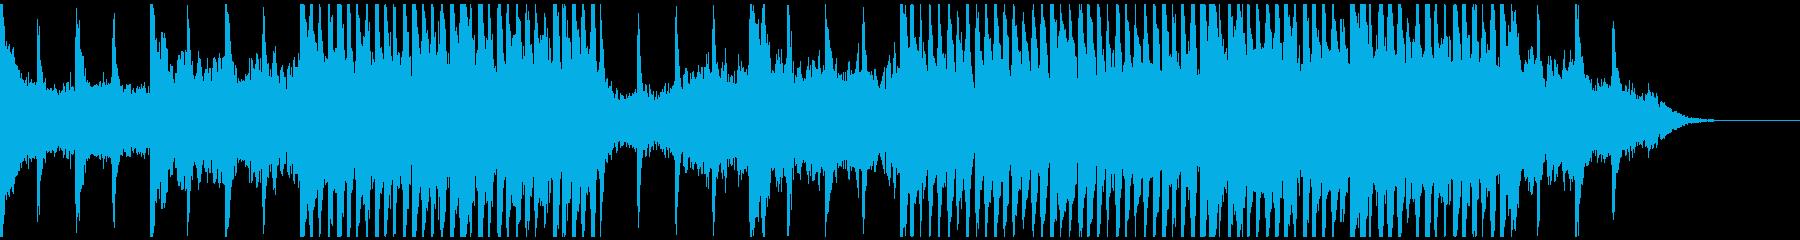 エステ、ヨガ、ヒーリング、シタールの再生済みの波形